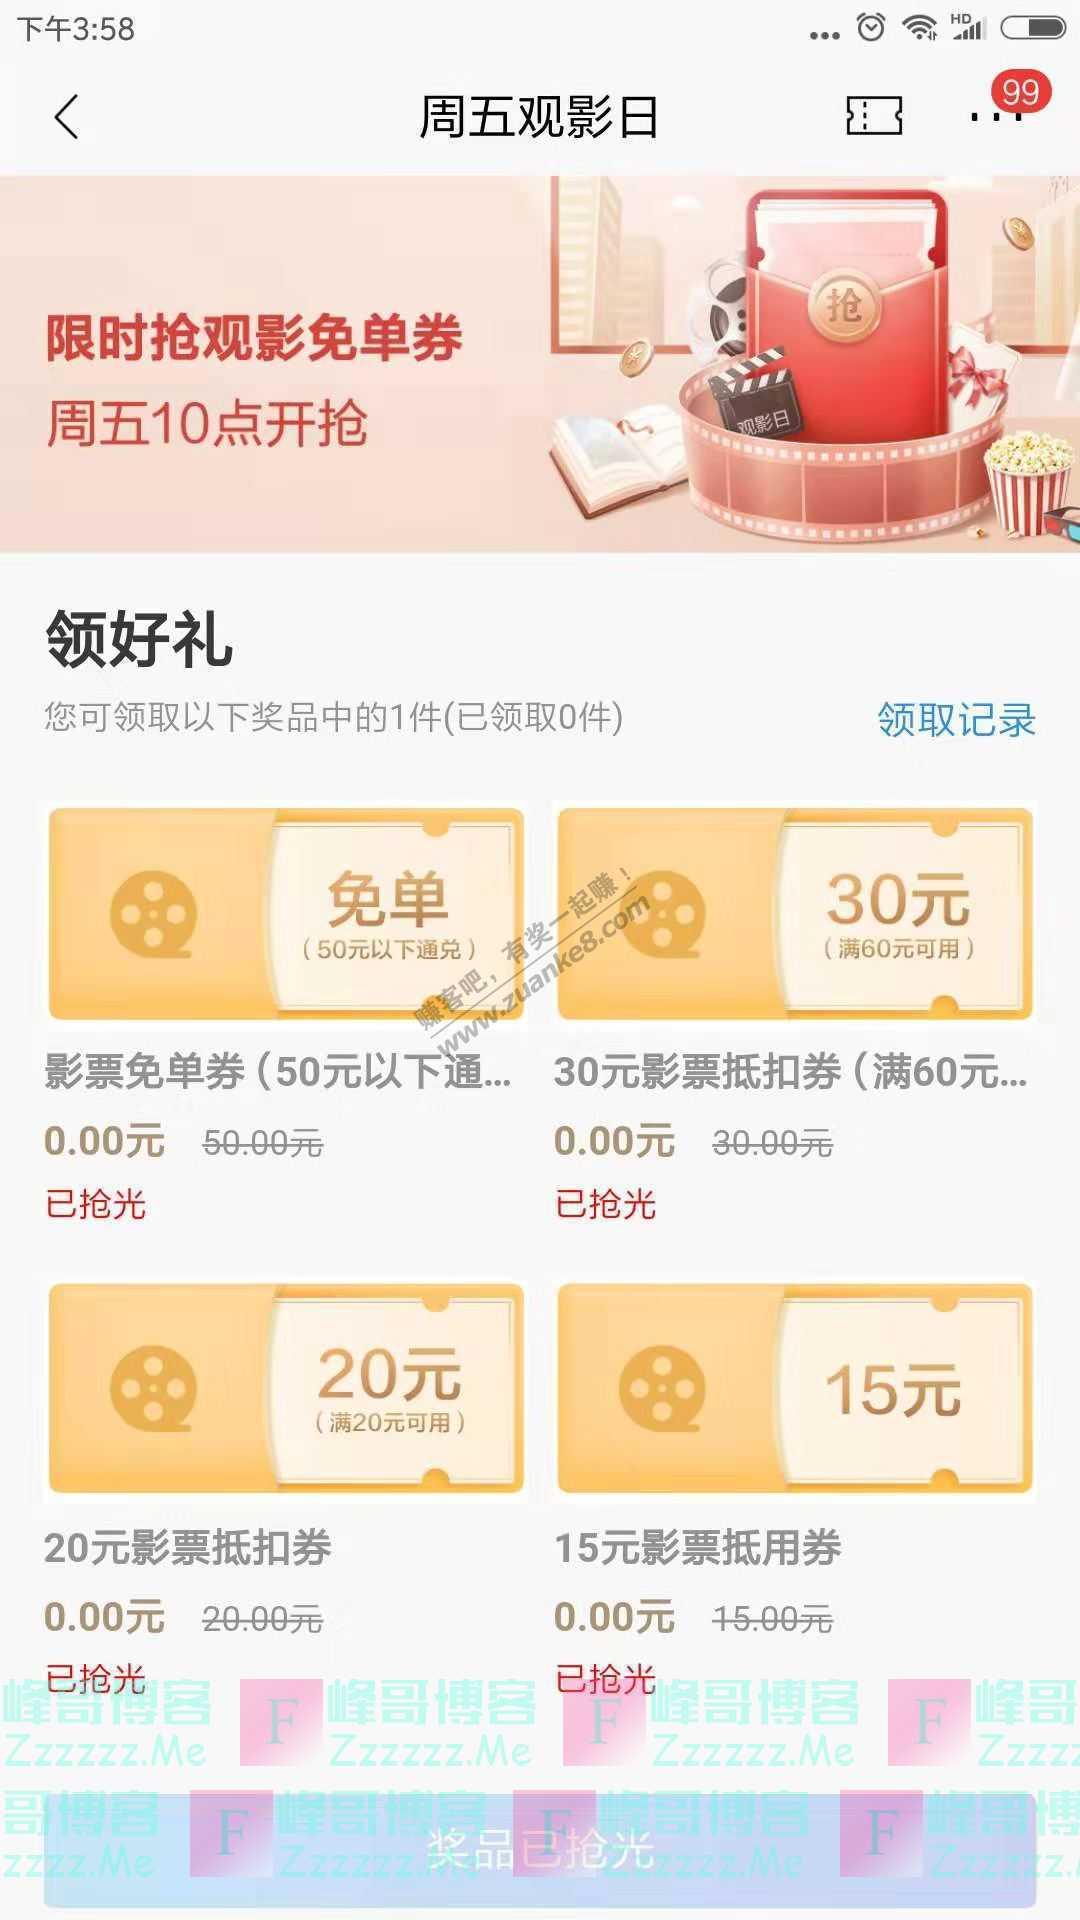 招商银行app周五观影日限时抢观影免单券(截止1月31日)